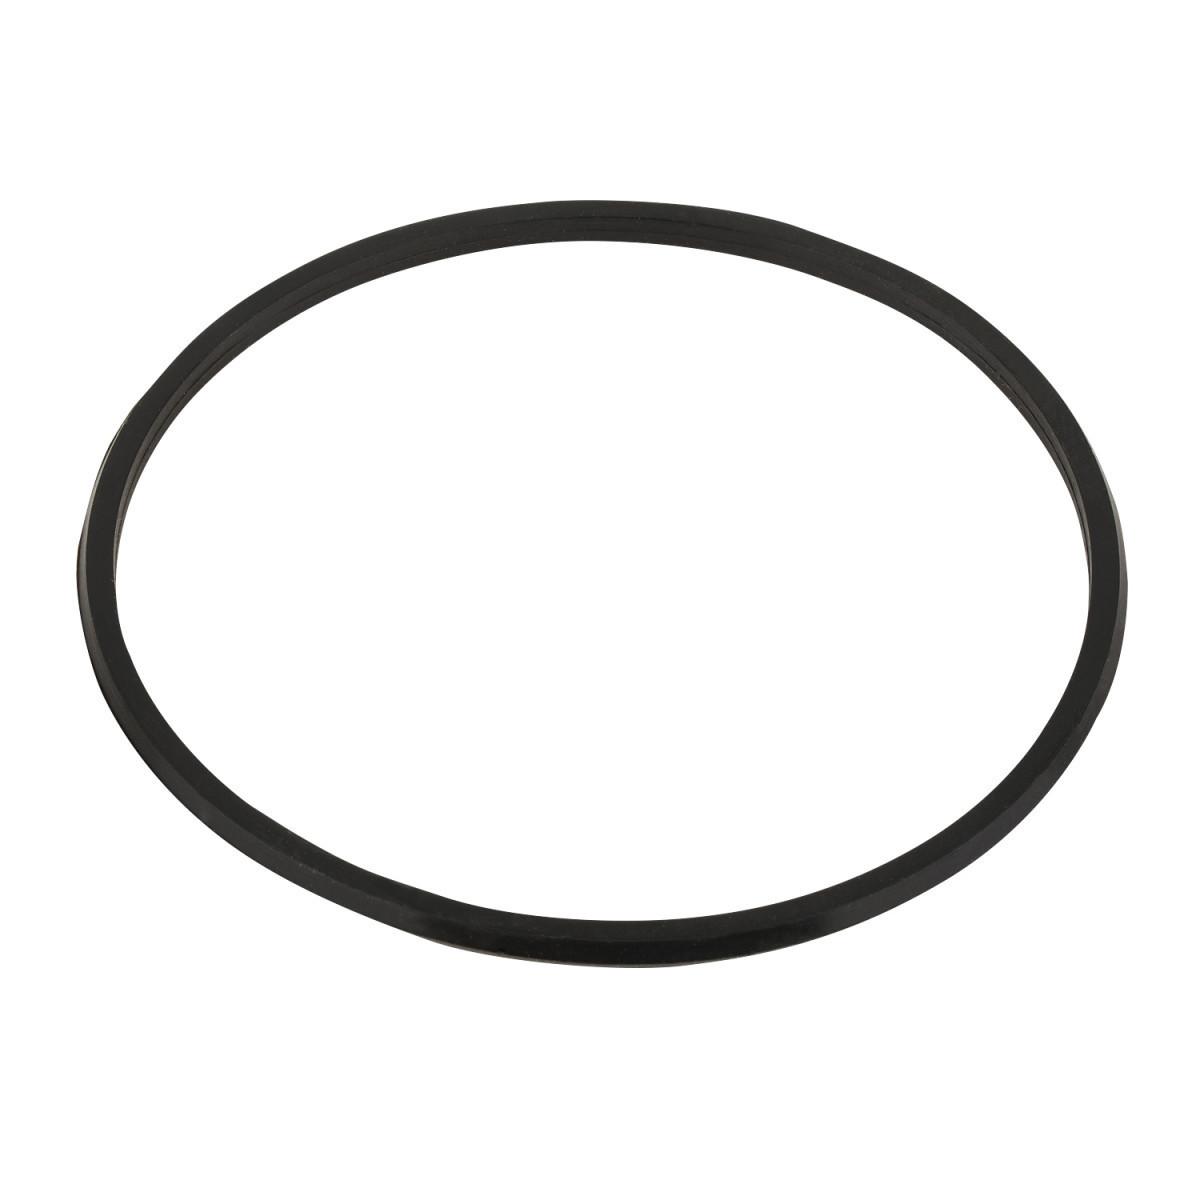 Прокладка-кольцо крышки бочки фильтра San sebastian - RBR 030.A/RFD0100.11R